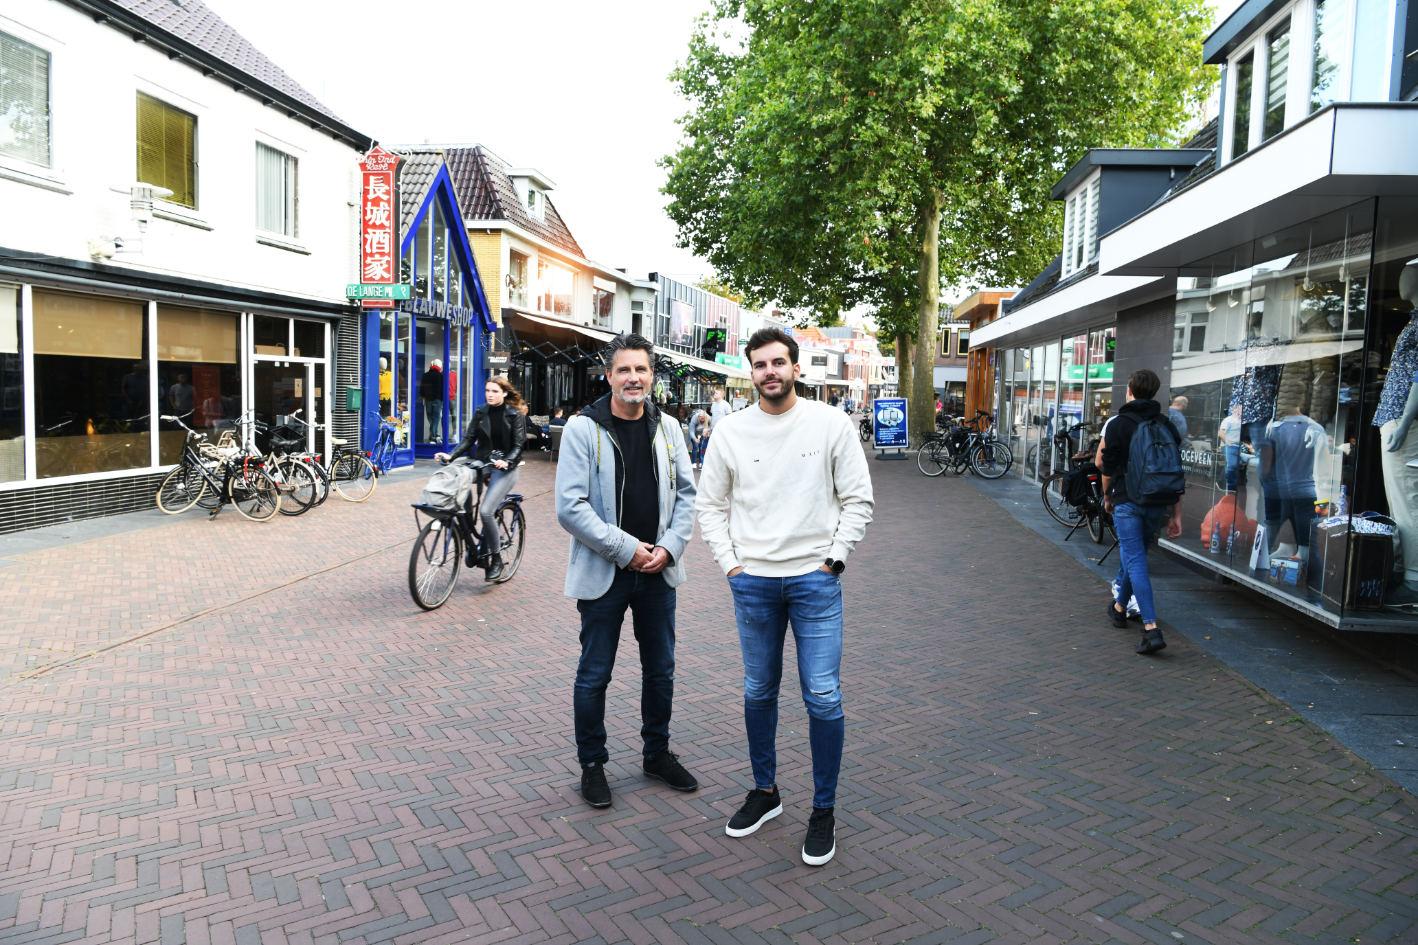 Jan-luc en zoon Jesse Kobes in de winkelstraat Hardenberg